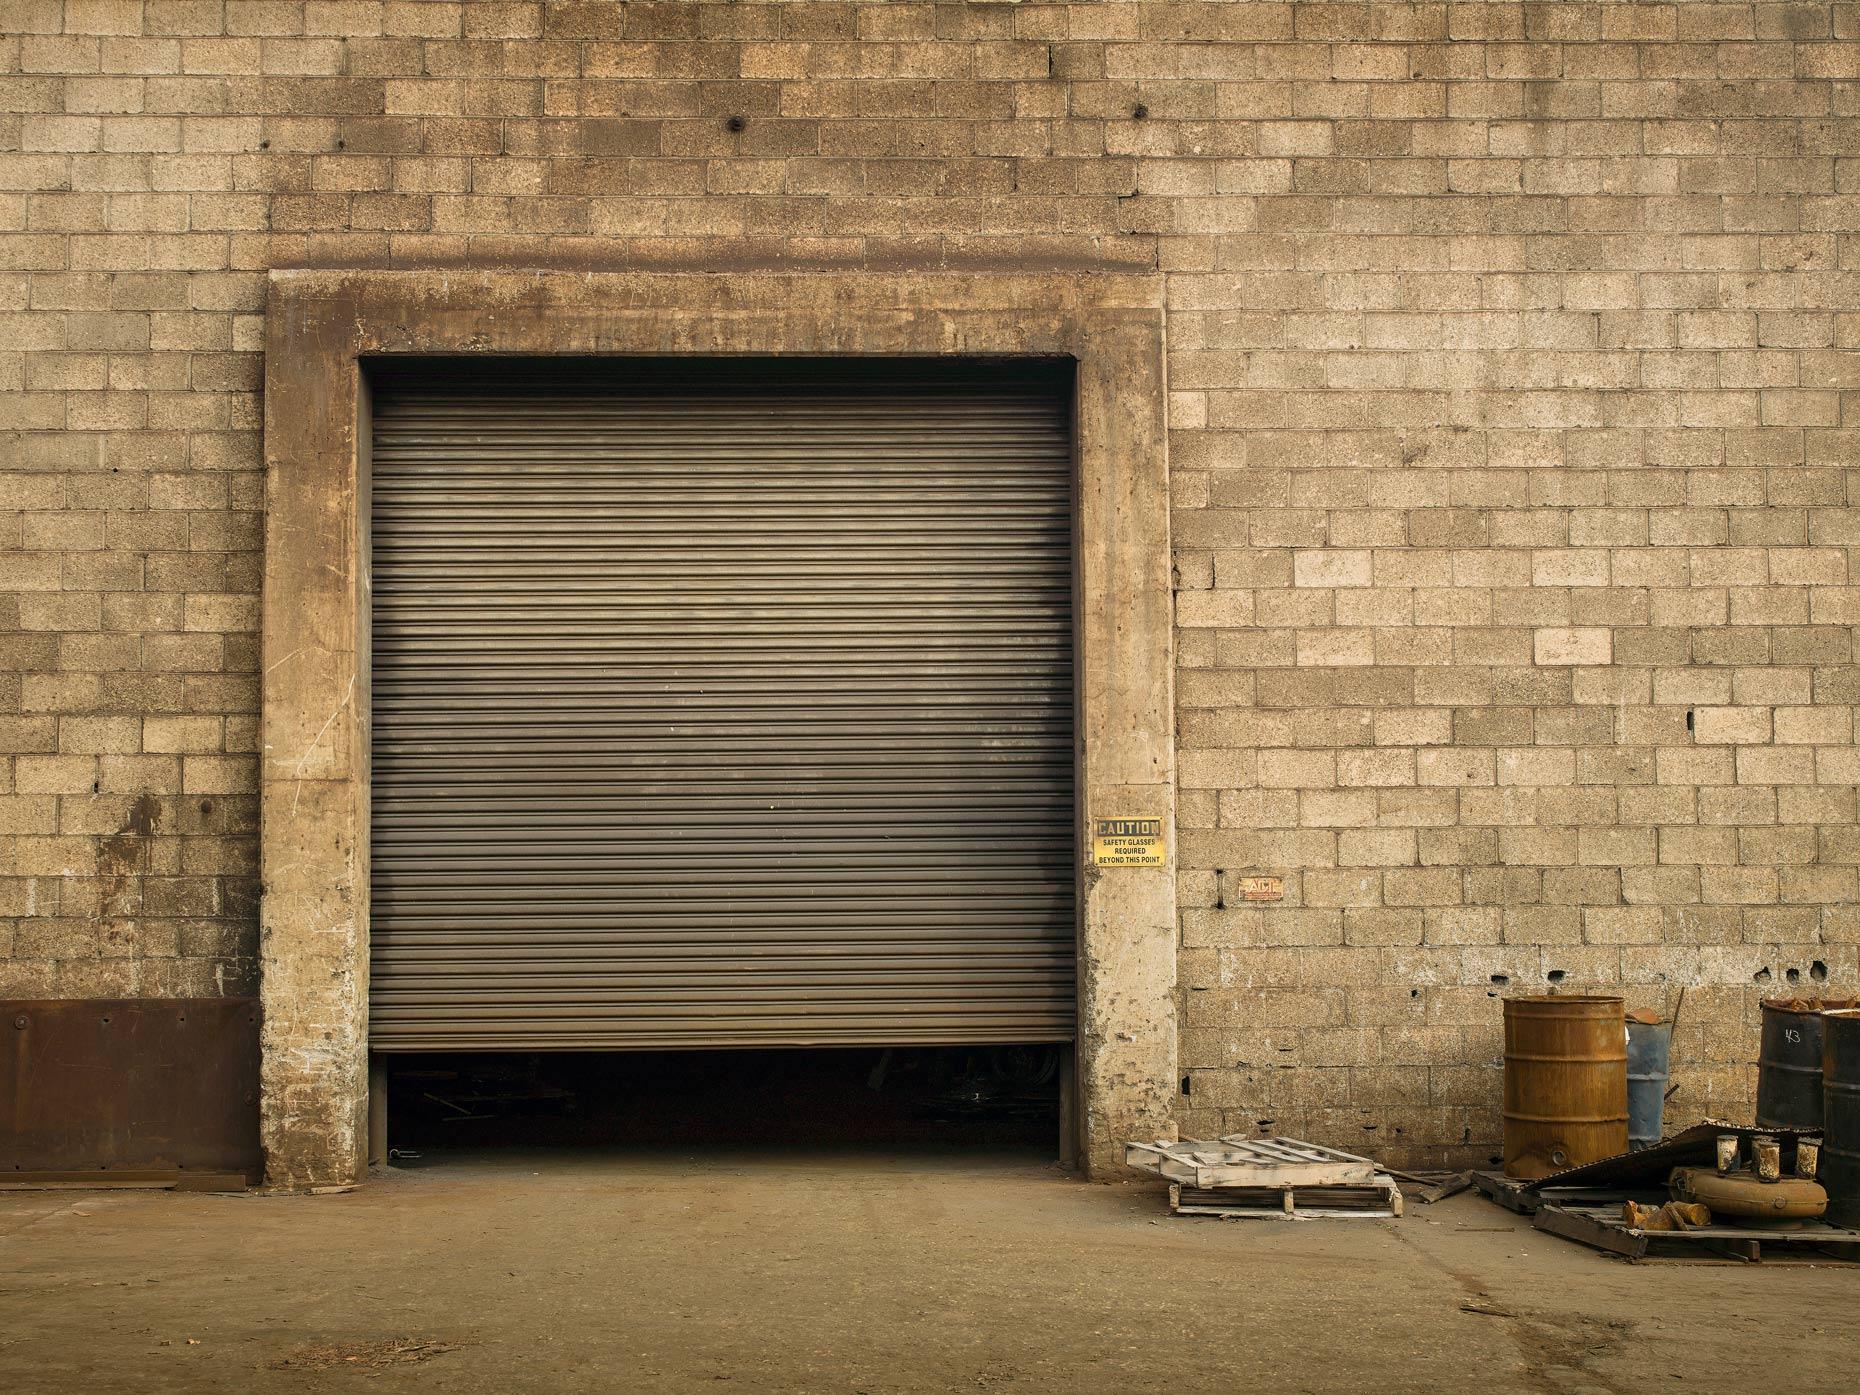 Projects-Editorial-Photography-Derek-Israelsen-010-Garage_Door.jpg